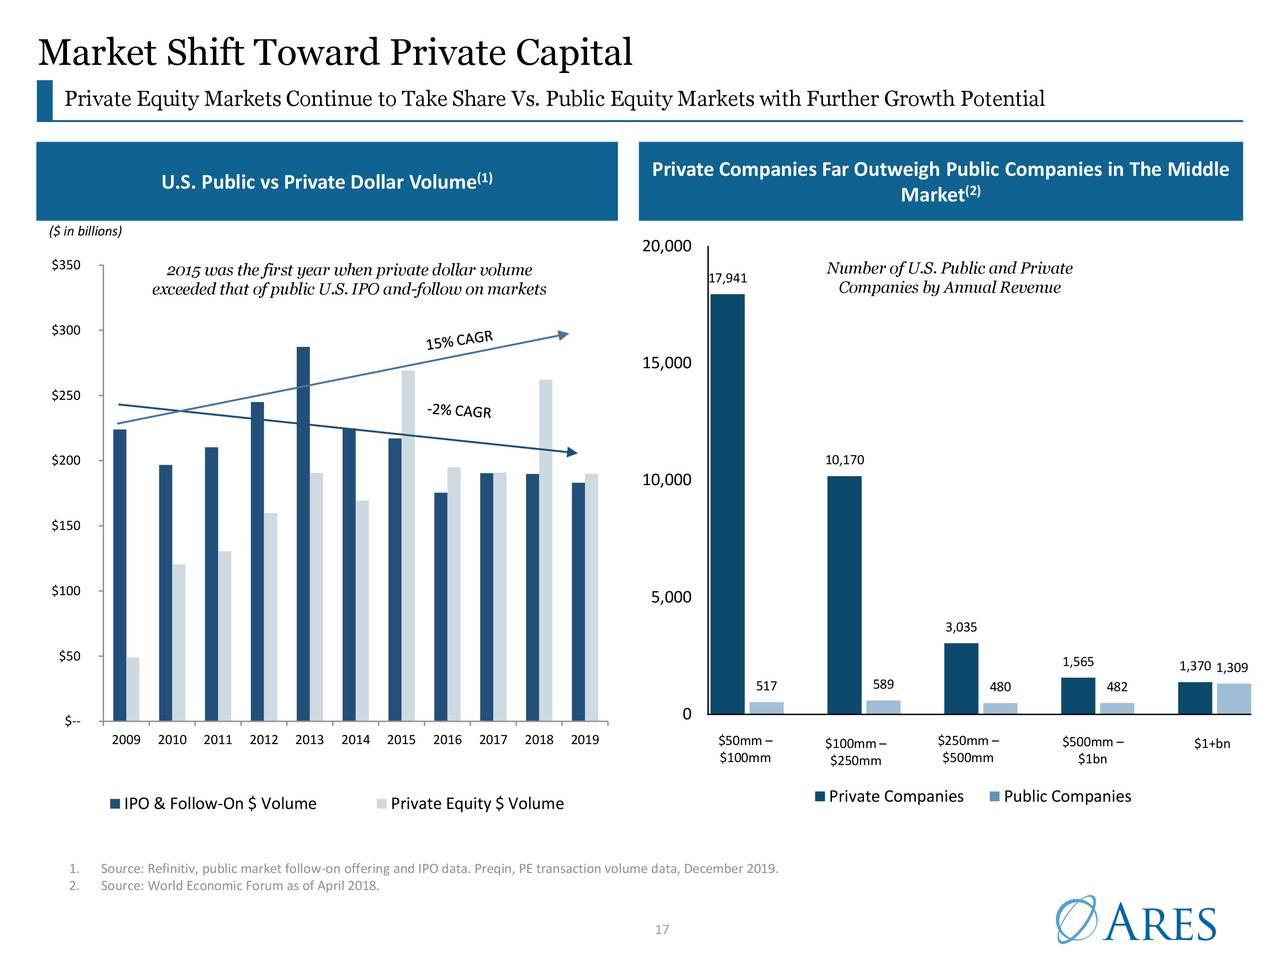 Cambio de mercado hacia el capital privado